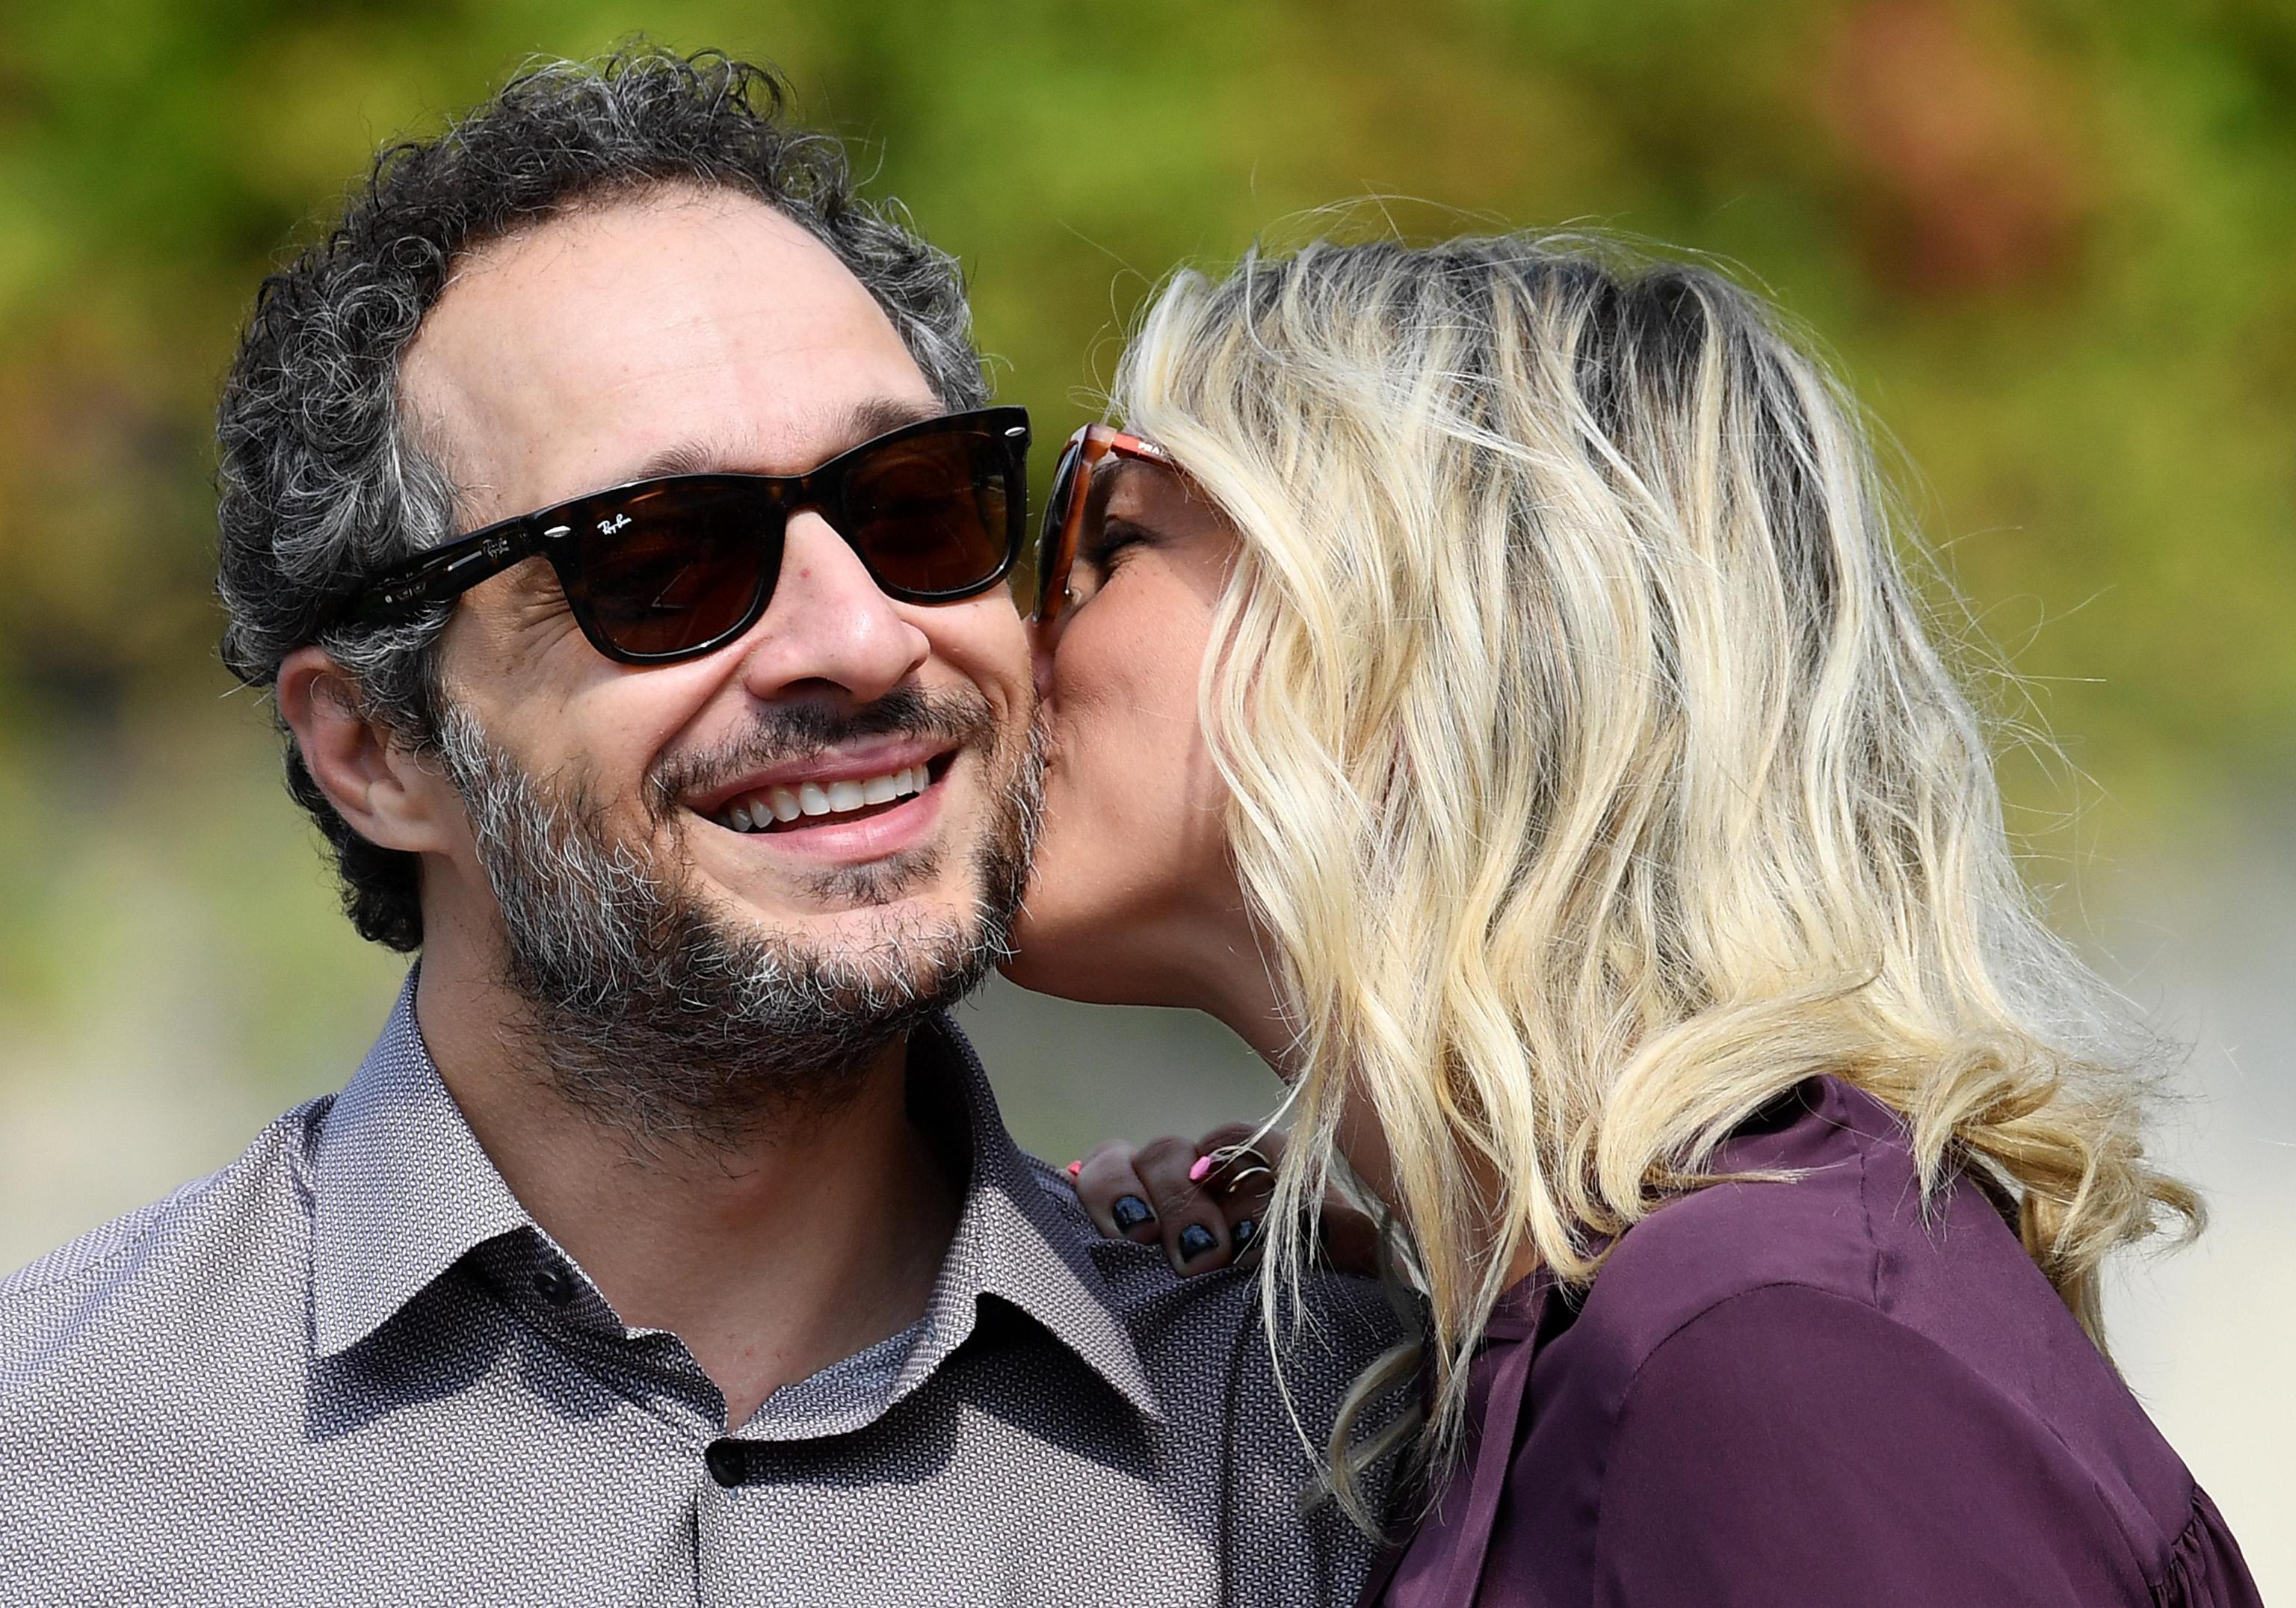 Claudio Santamaria e Francesca Barra sposi in segreto? Al dito della coppia spunta un anello